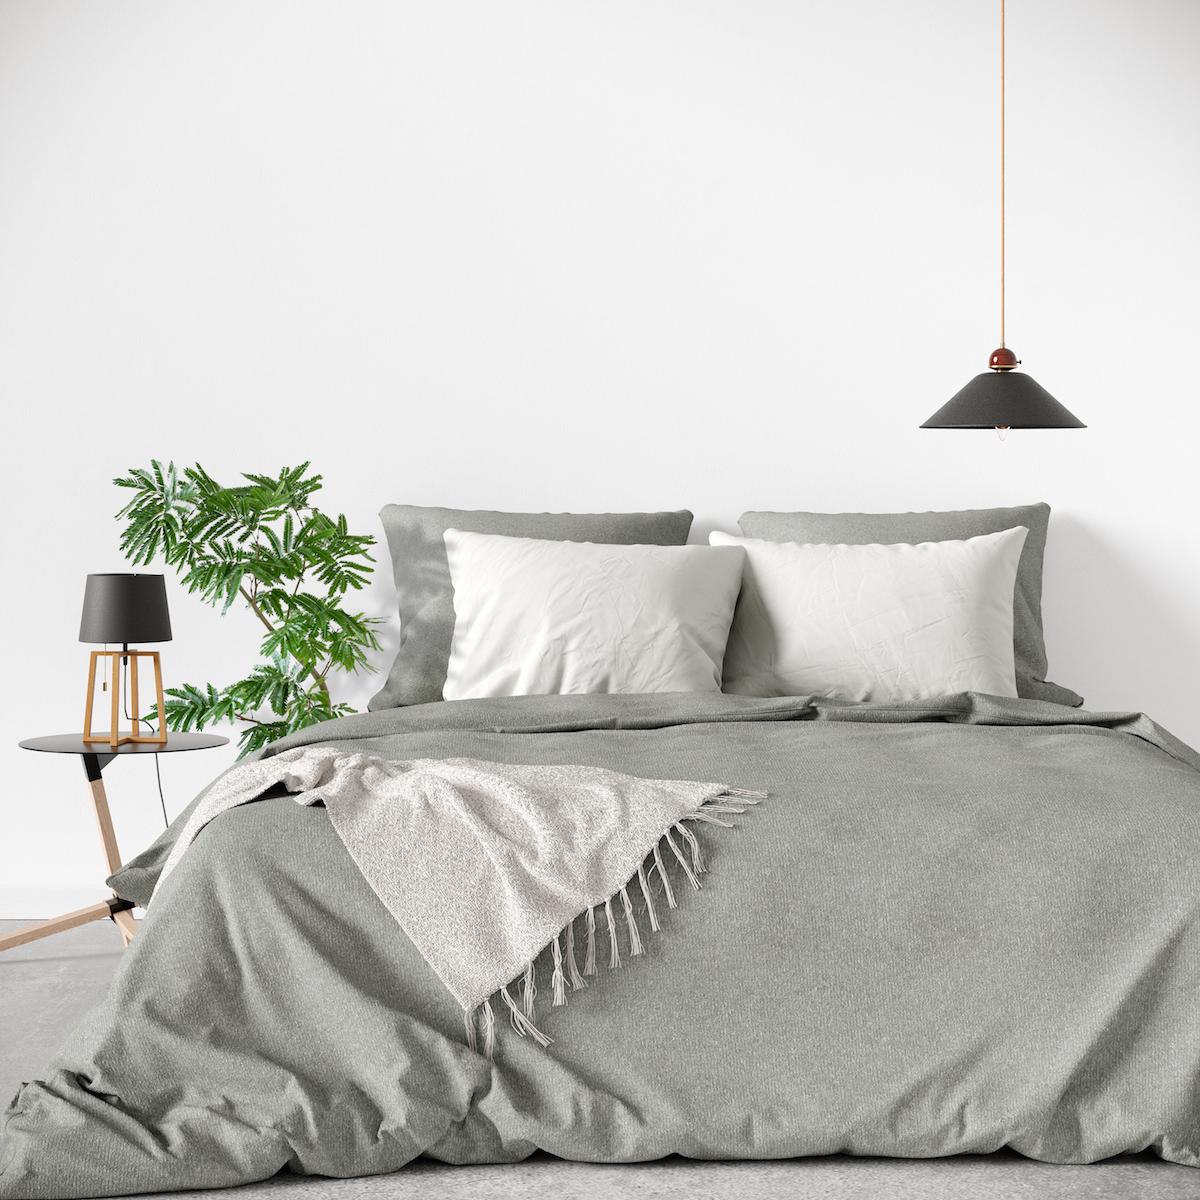 Project 06 - Bedroom - Set 02 - 22.jpg